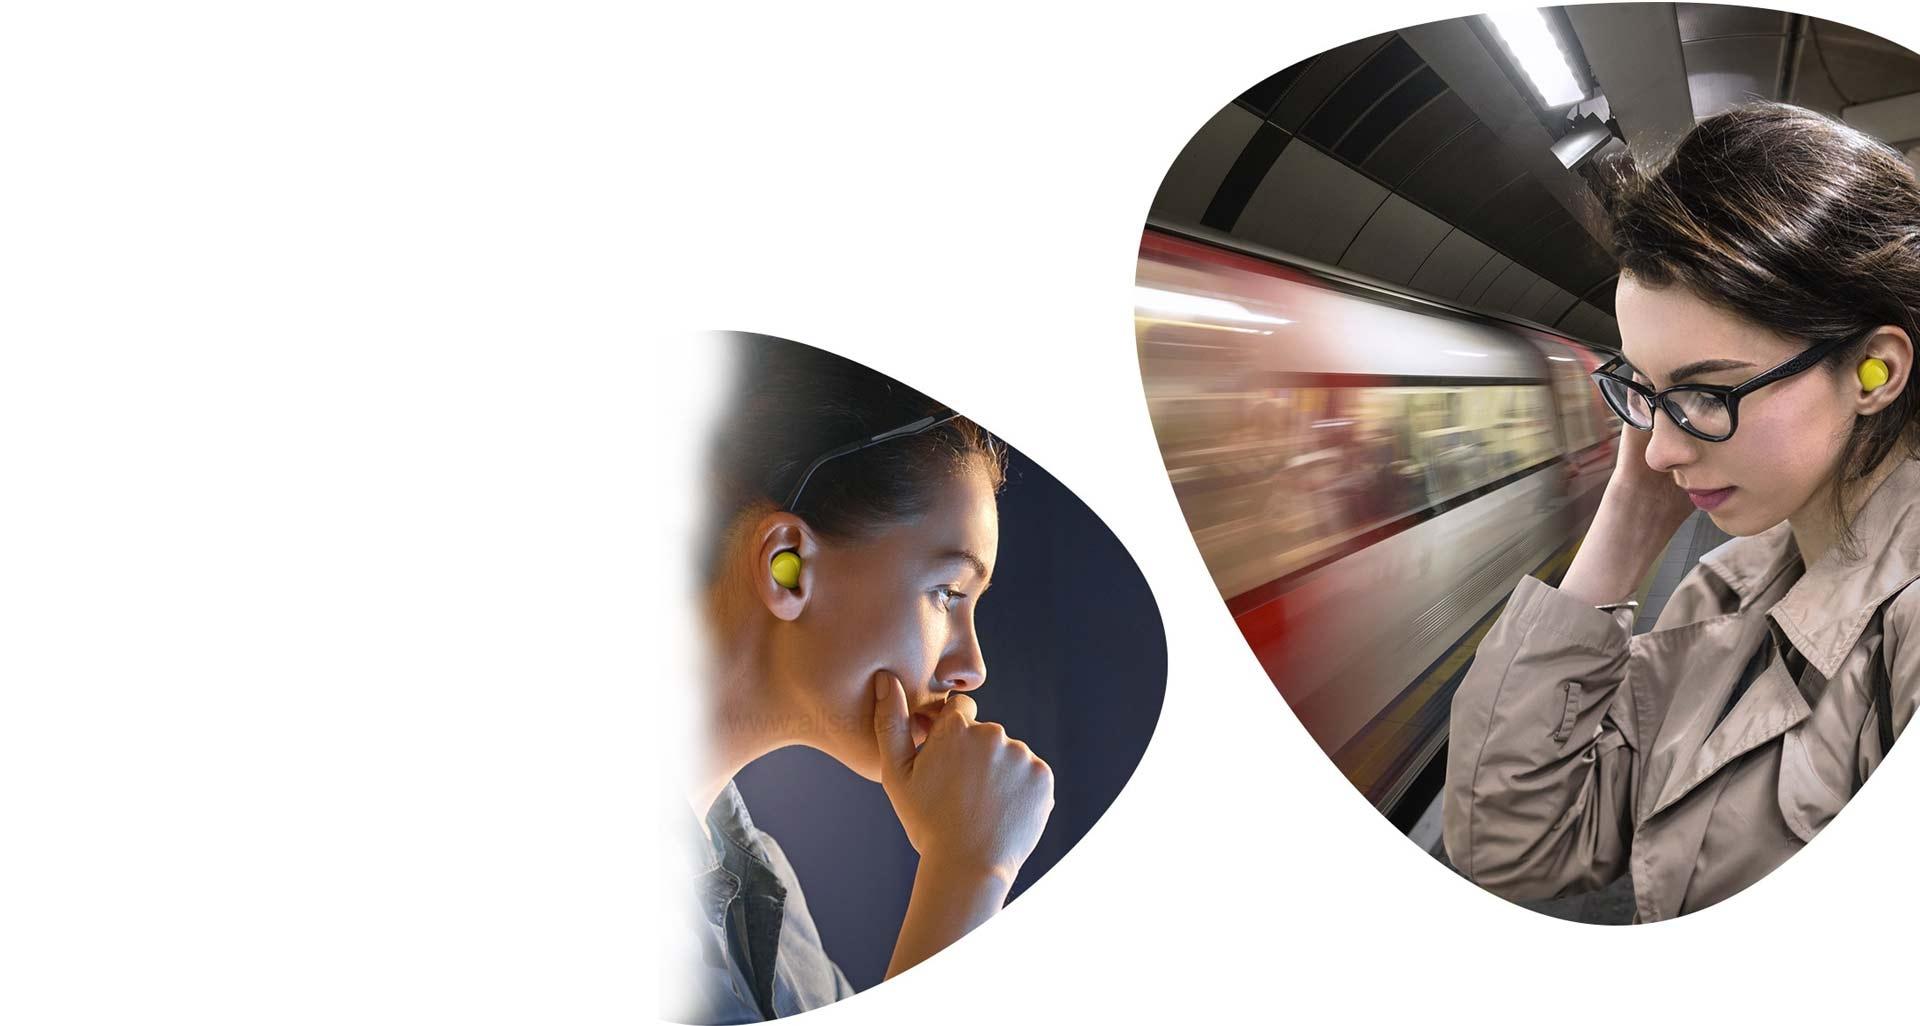 انتقال صدا به صورت واضح در همه جا توسط ایرپاد بادز سامسونگ